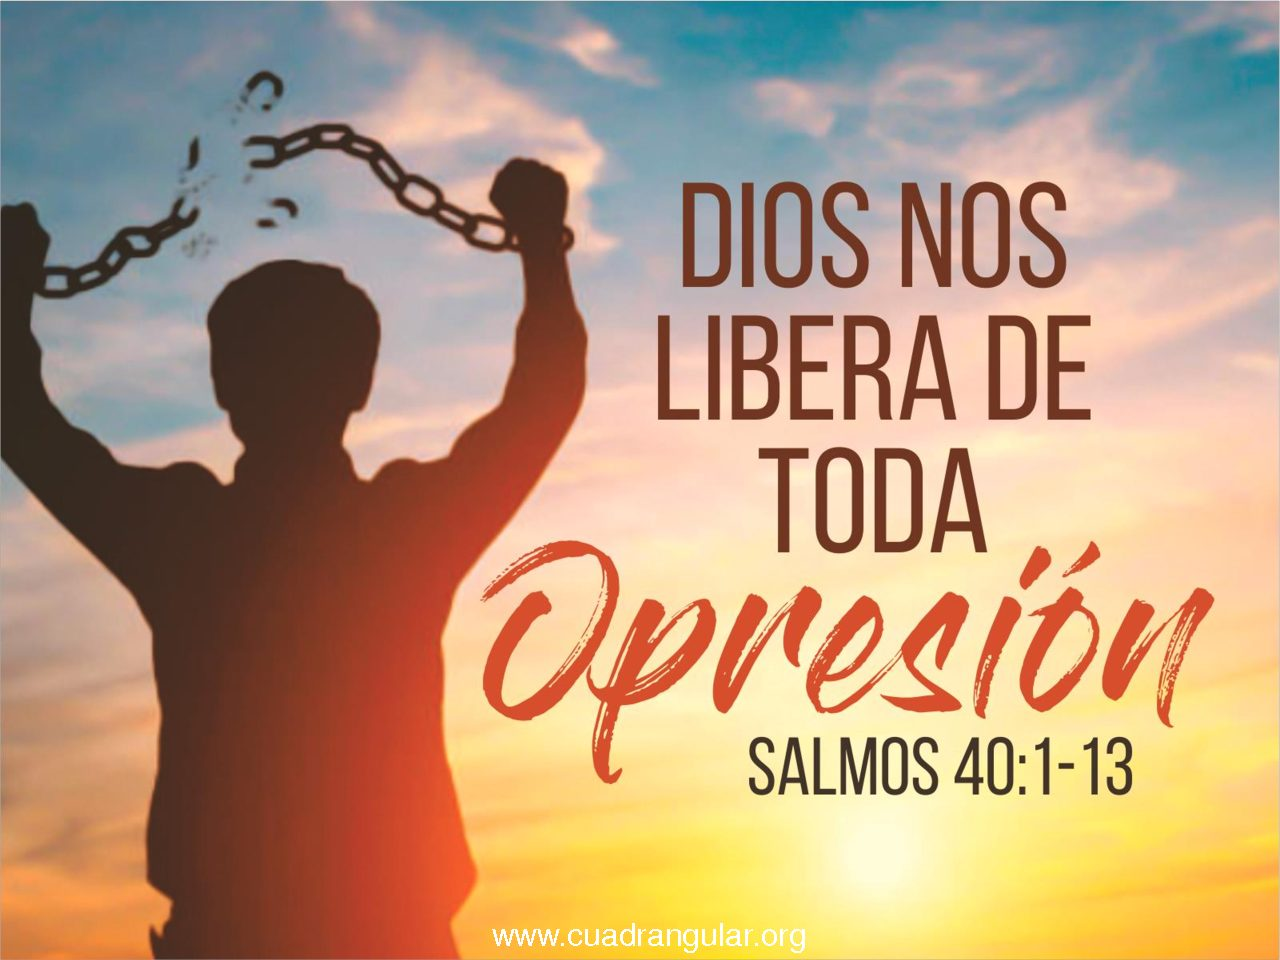 Dios nos libera de toda opresión